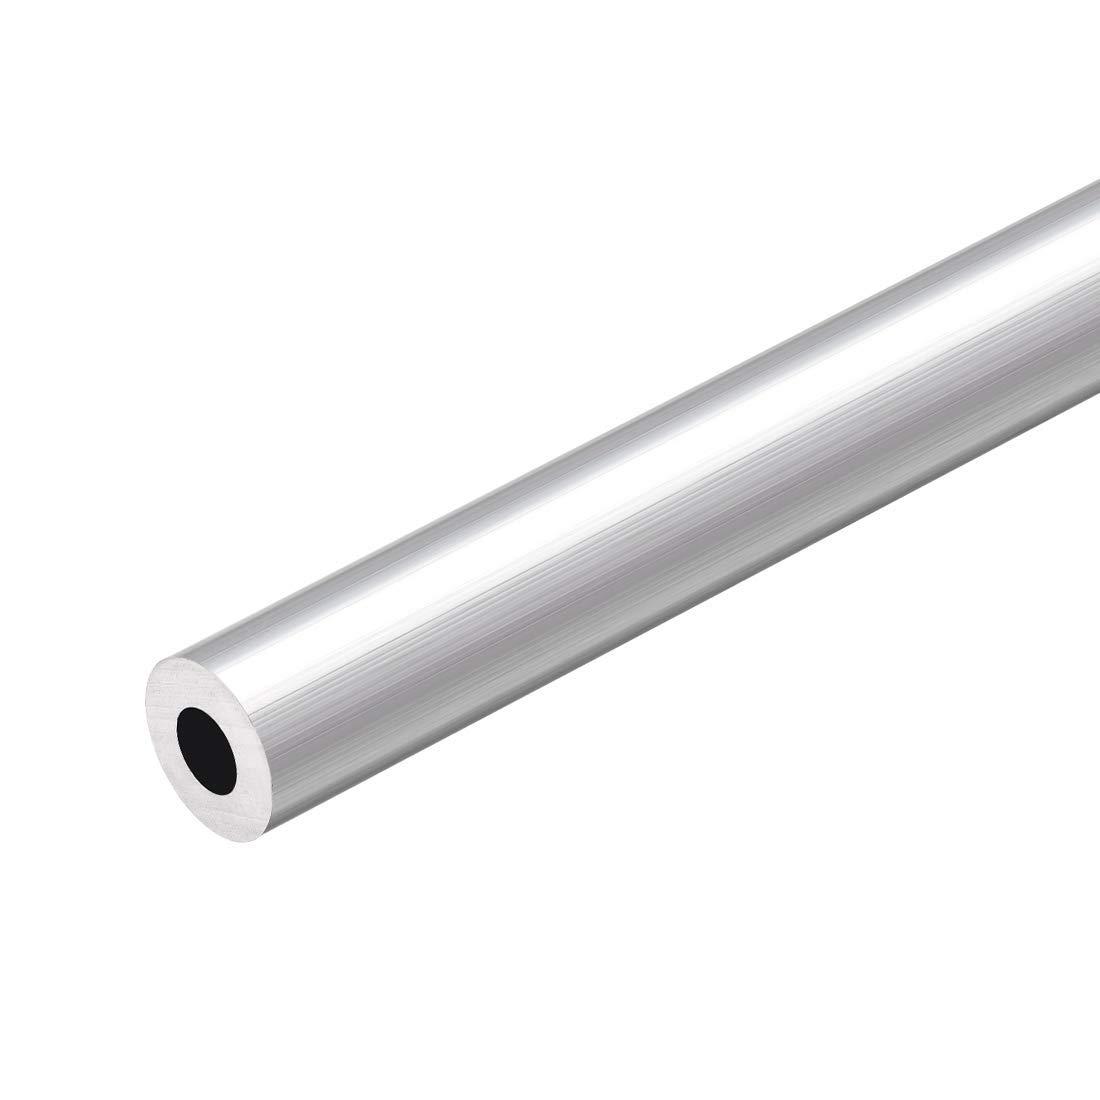 Aluminium Rundrohr AlMgSi05 /Ø 8x1,5mm L/änge 1000mm 100cm auf Zuschnitt